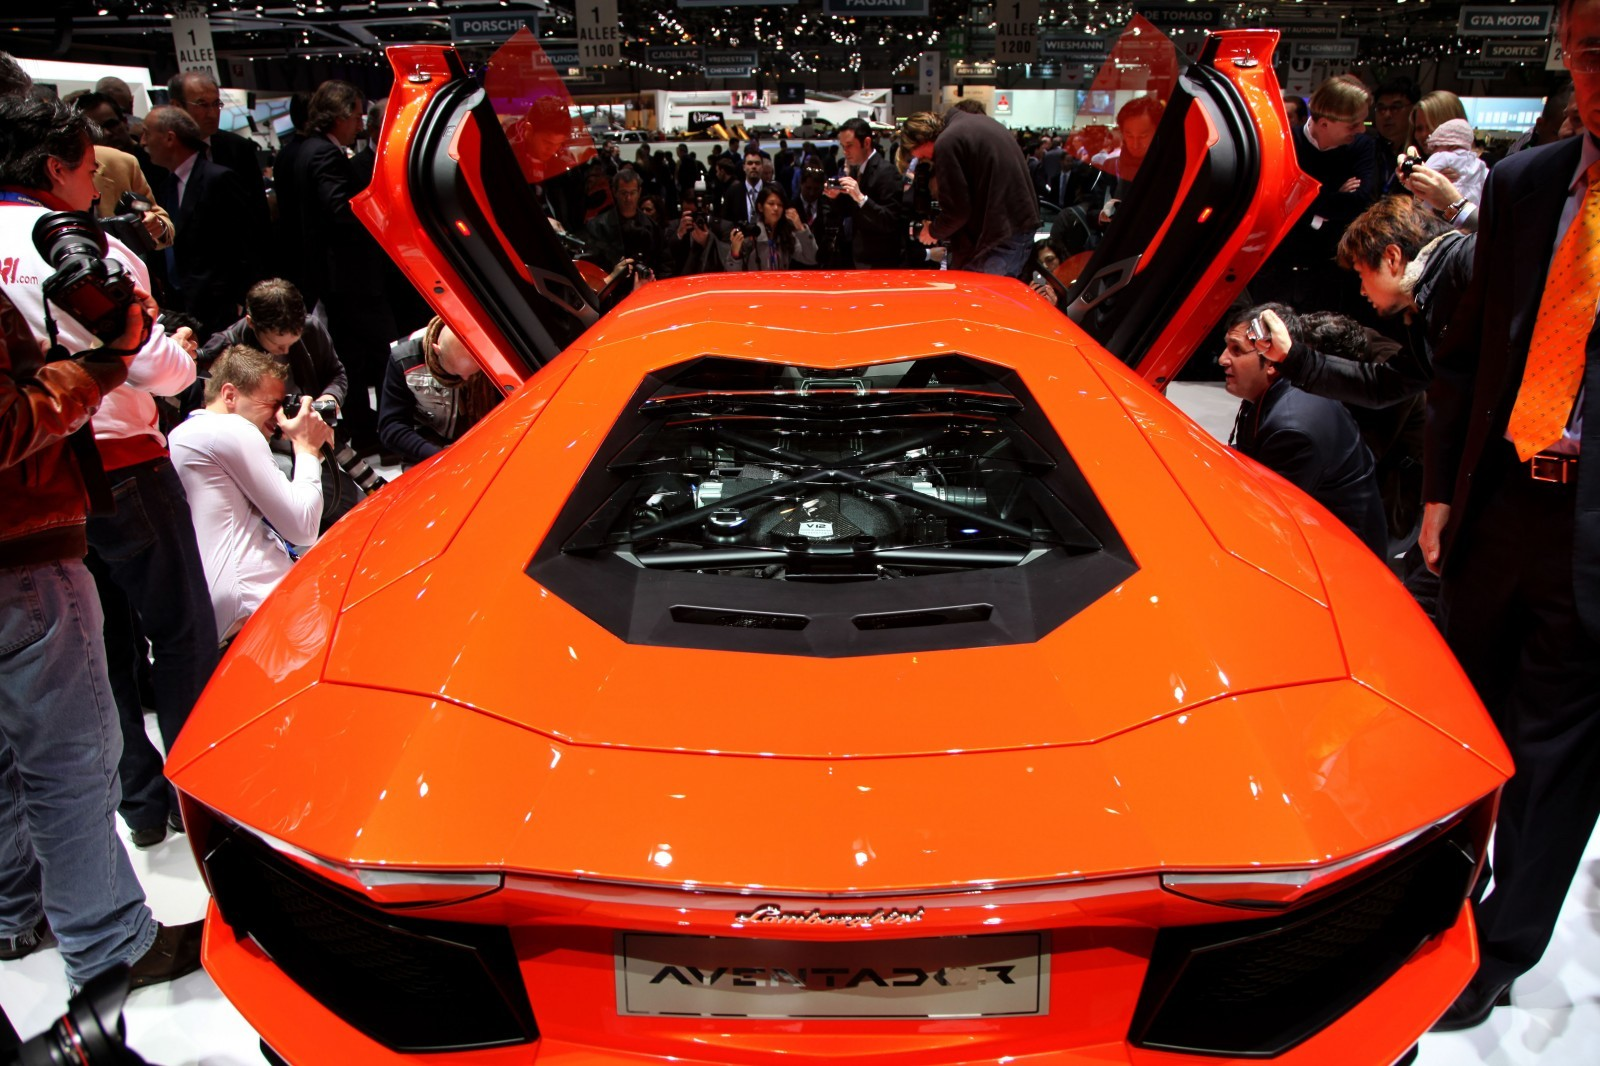 Hypercar Showcase - 2014 Lamborghini Aventador Trumped Only By Aventador J and Aventador Roadster 17